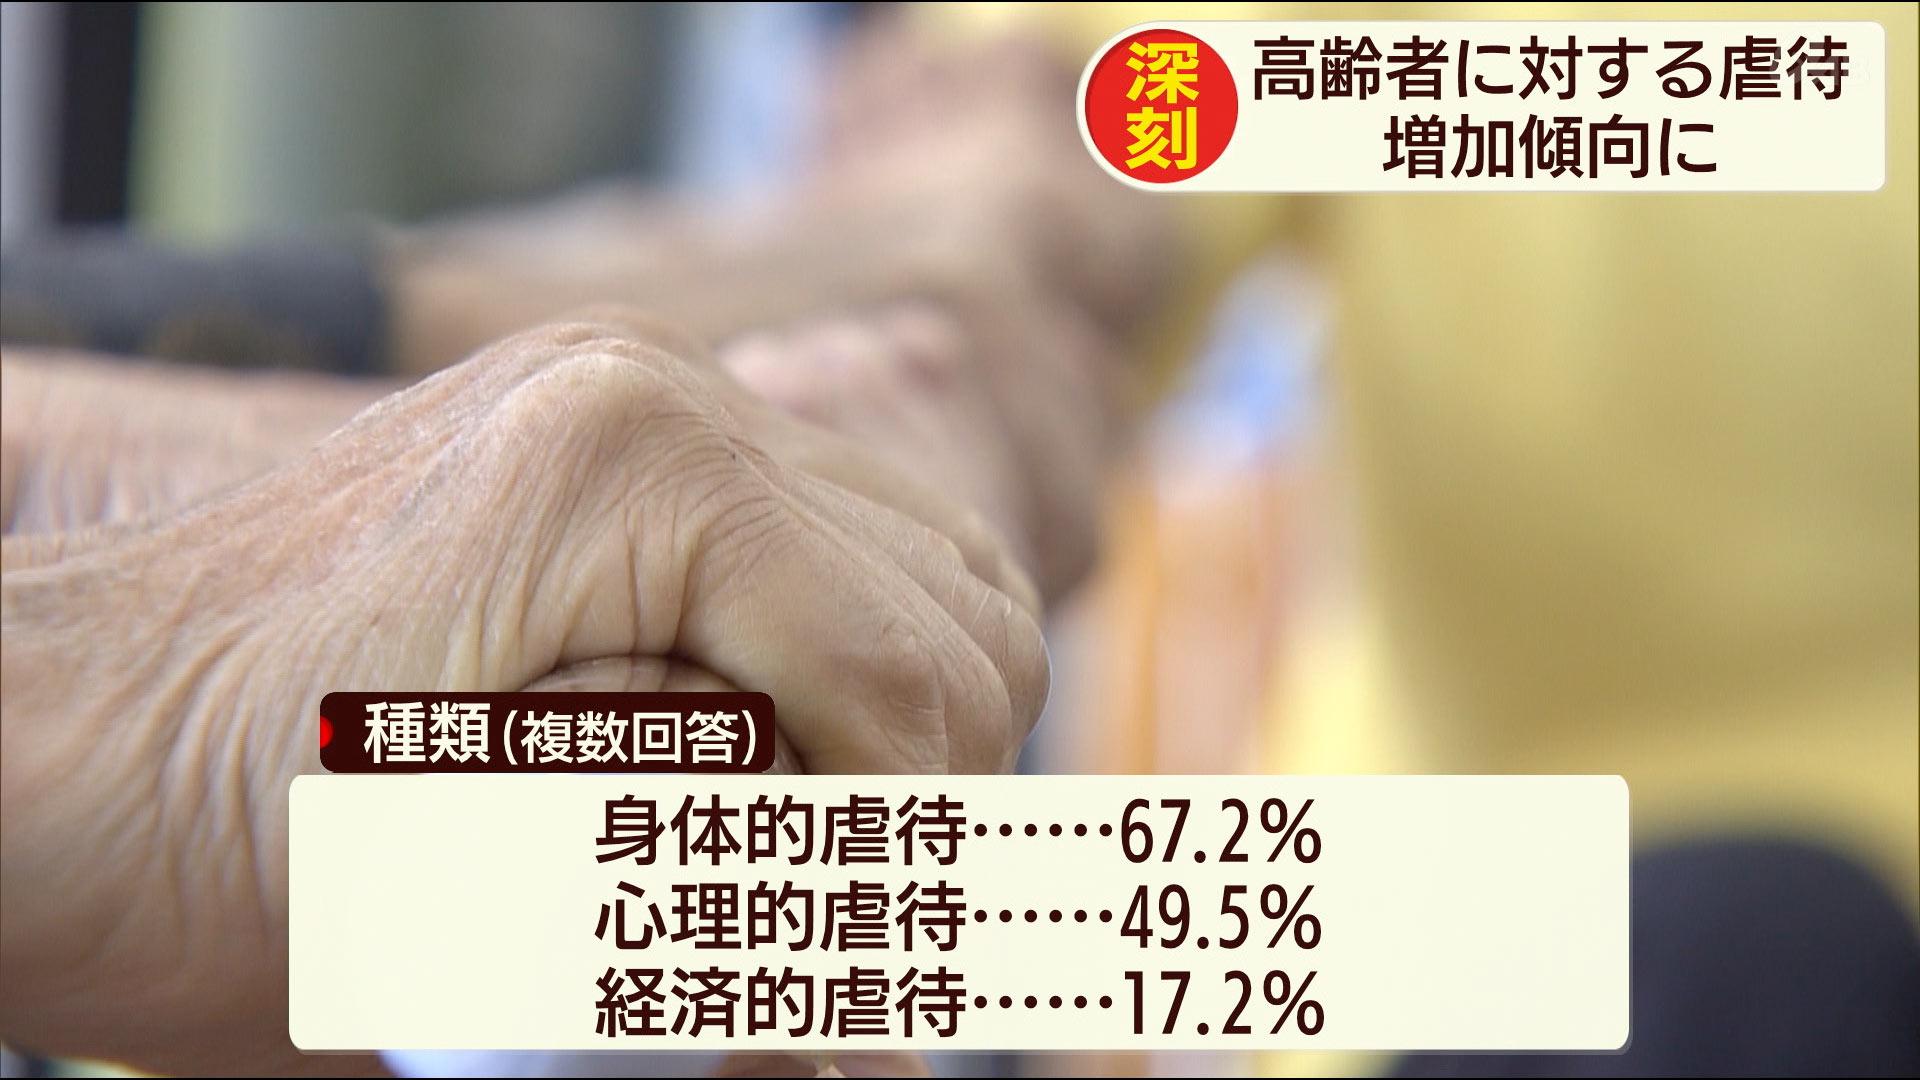 高齢者虐待194件 年々増加傾向に